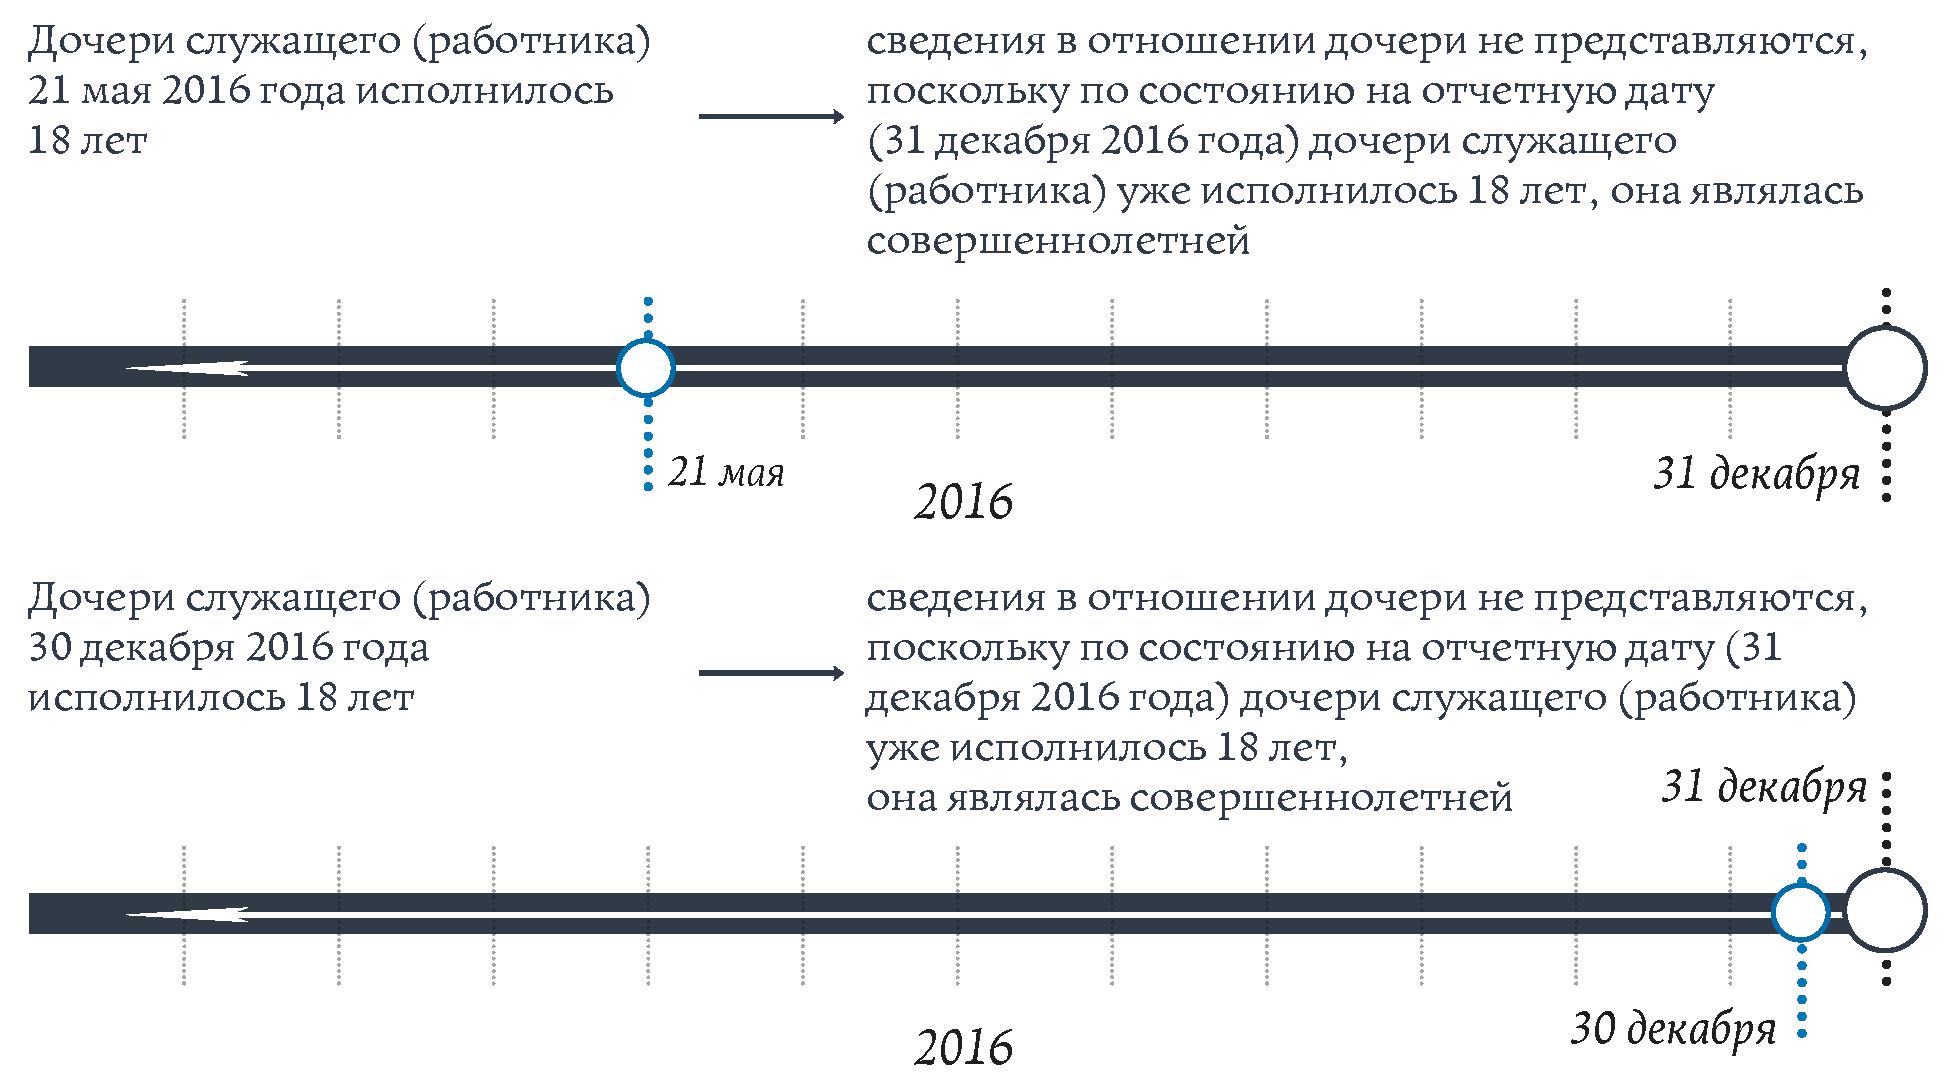 Программу сведения о доходах за 2015 год